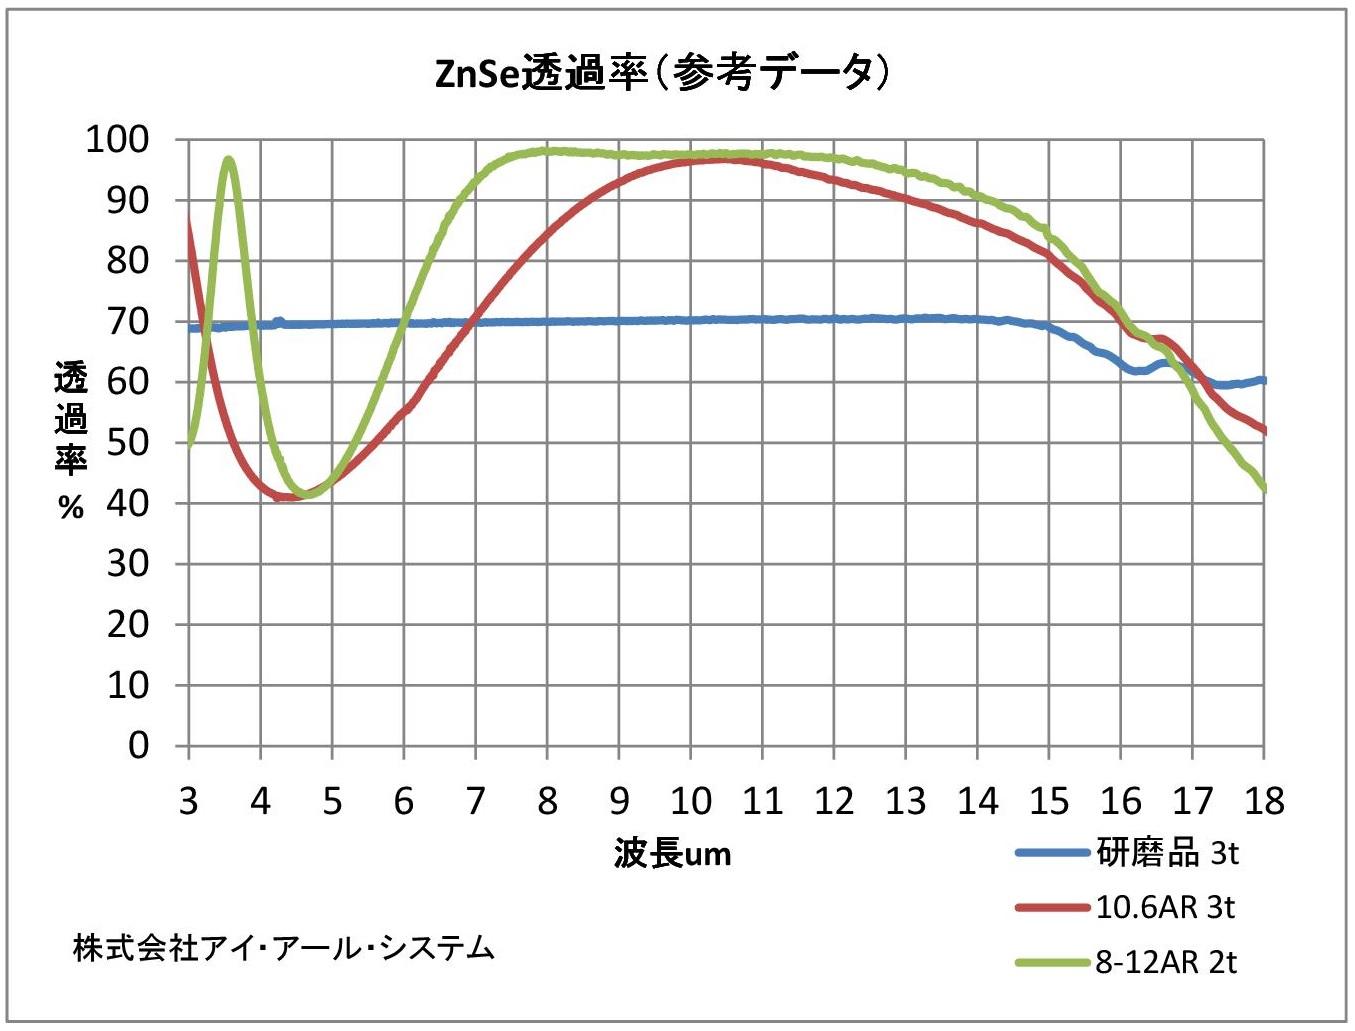 セレン化亜鉛(ZnSe)透過率グラフ